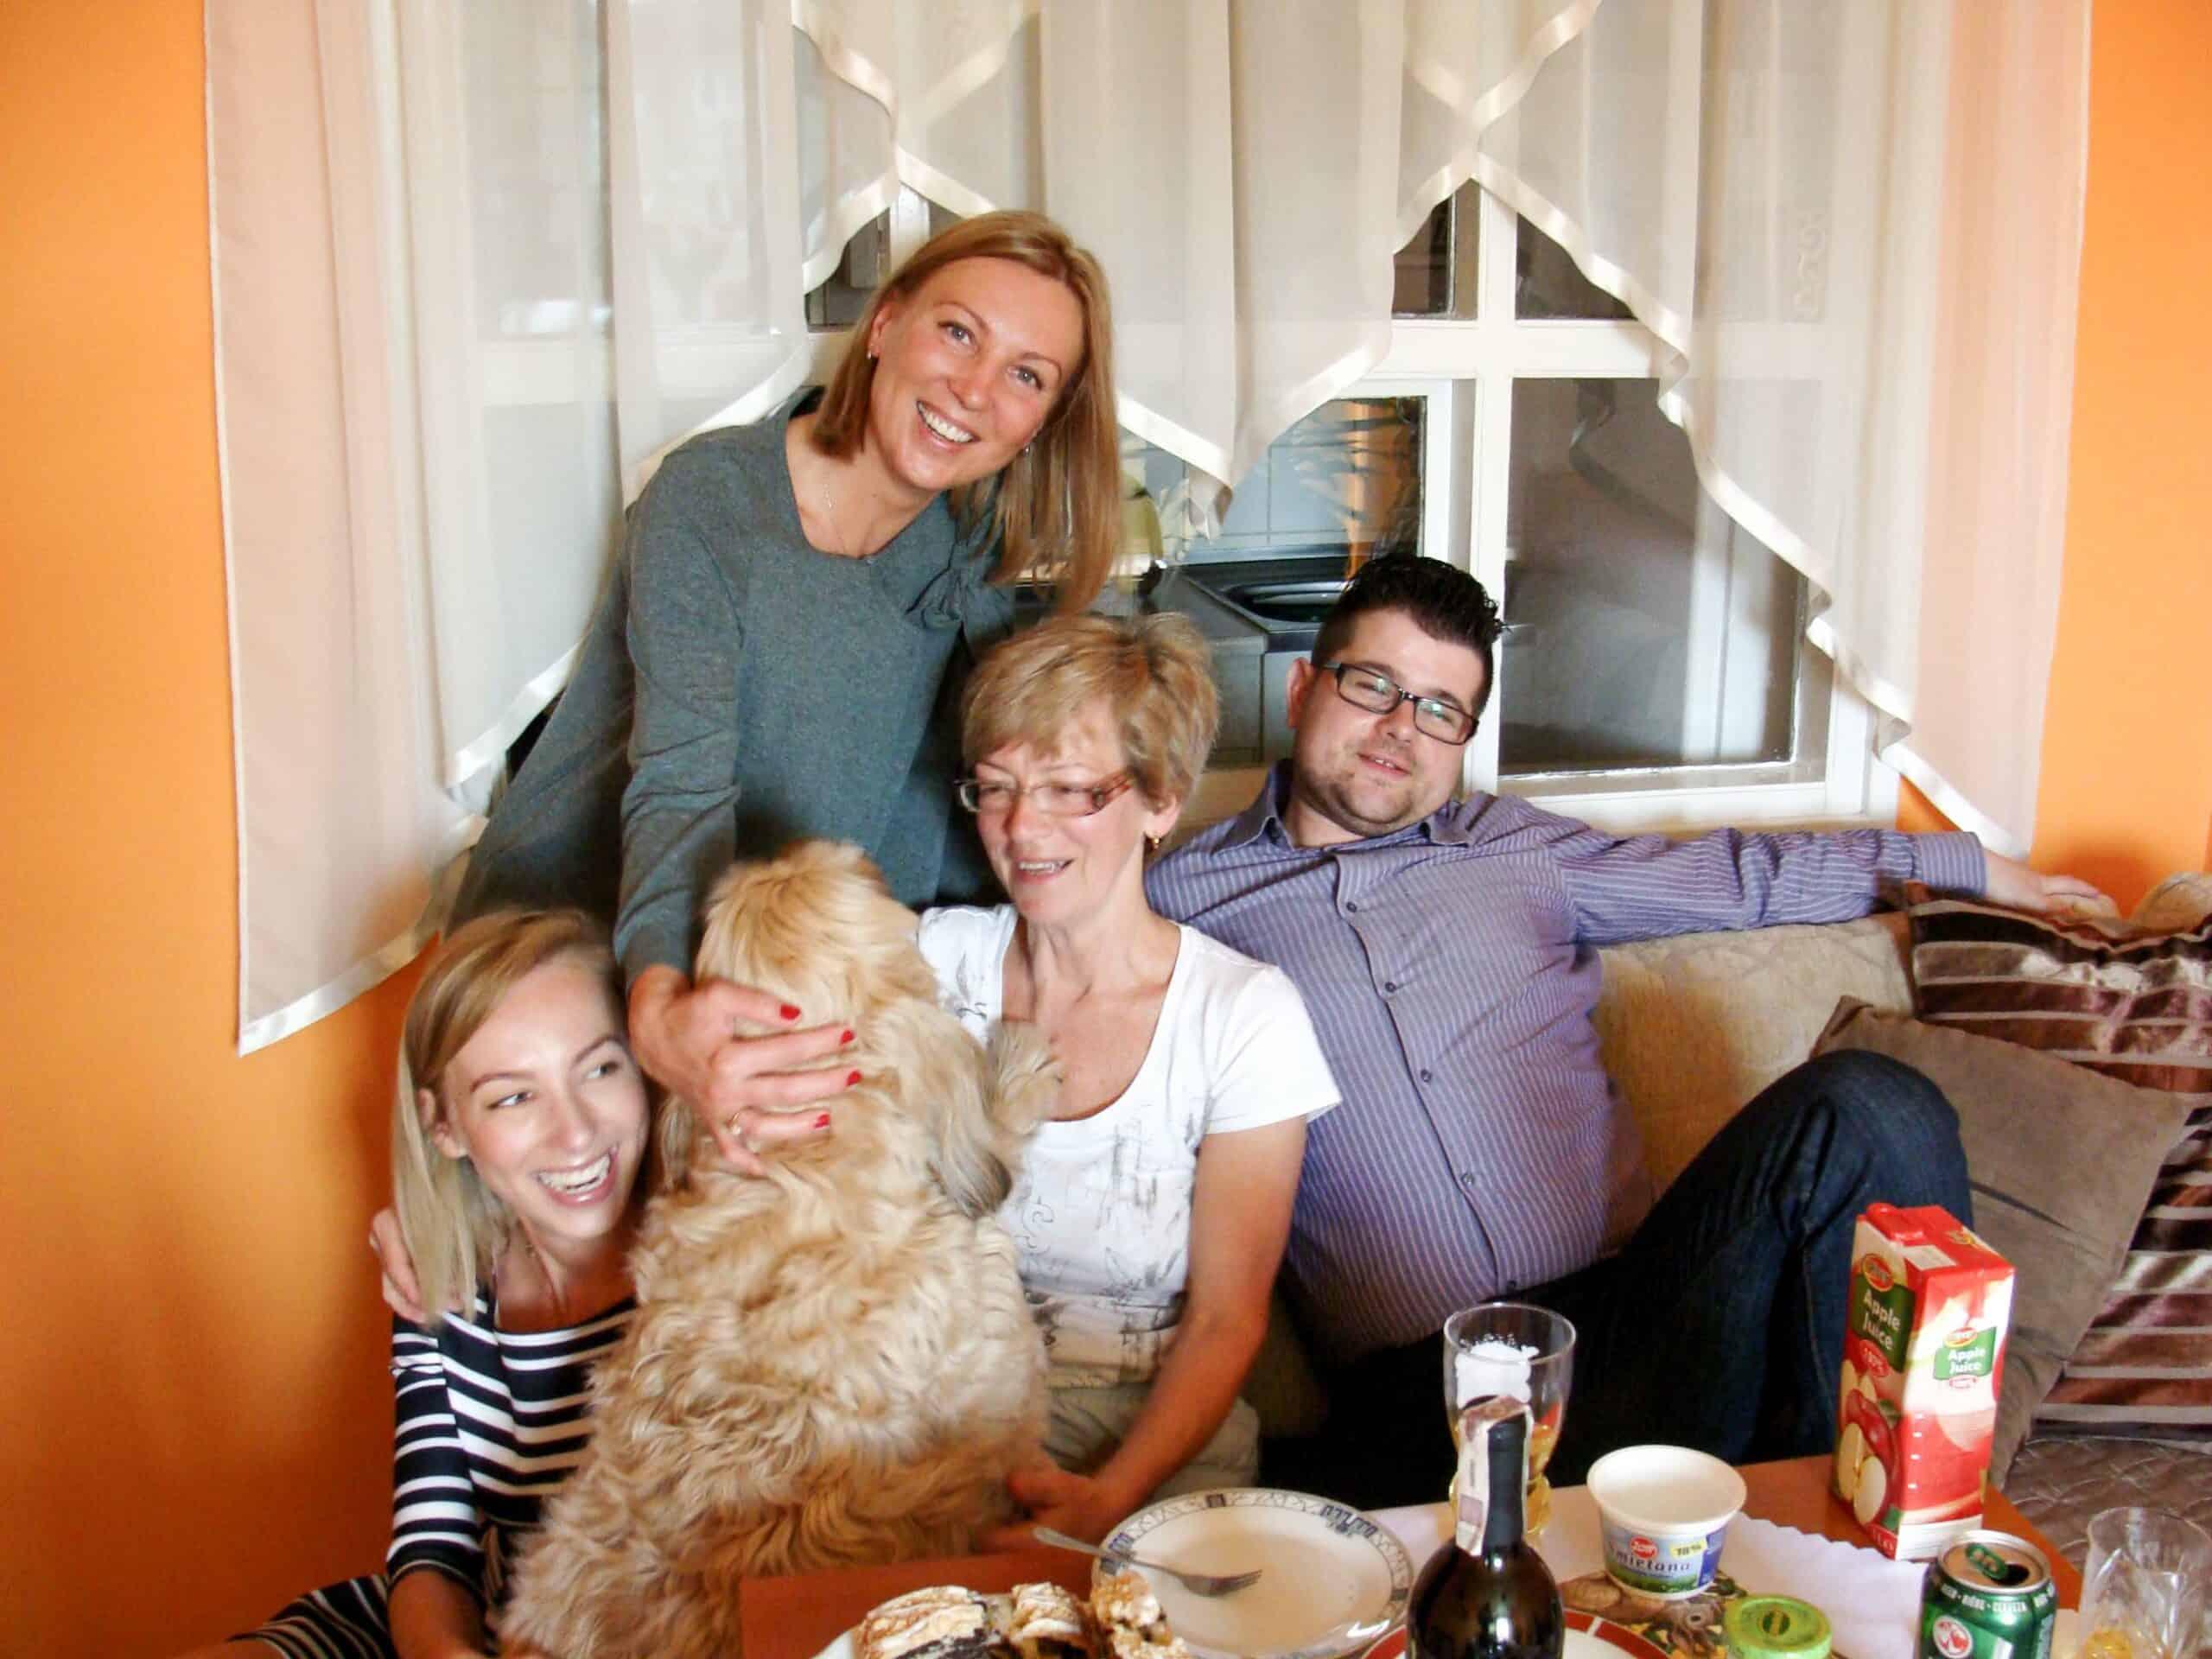 rodzina razem 2020 rok pandemia blog